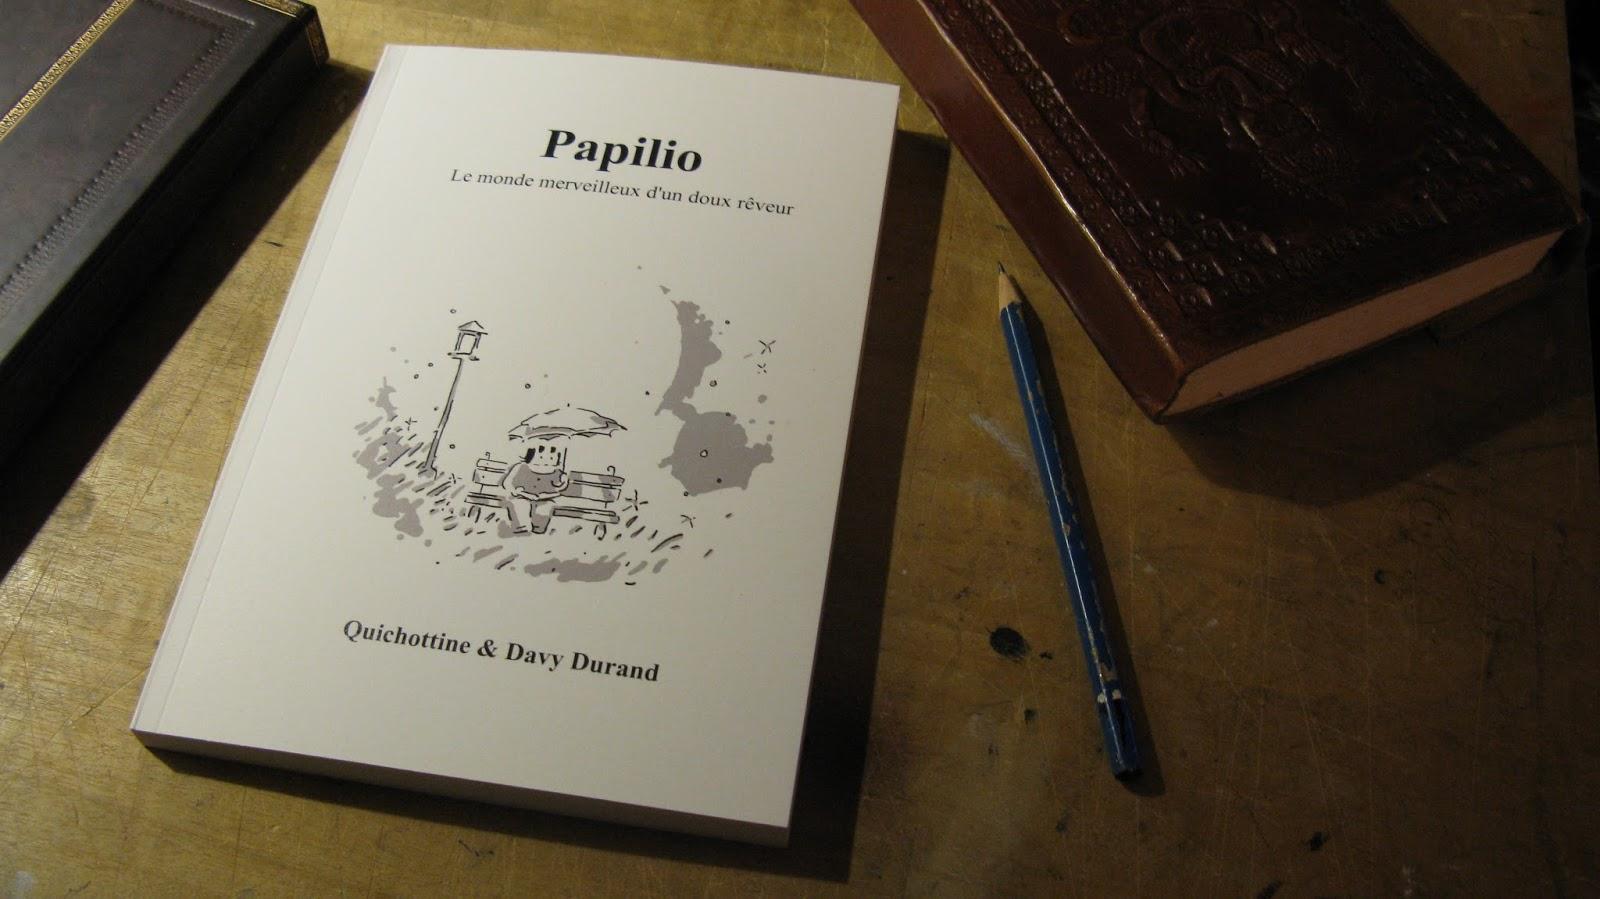 Papilio, roman illustré